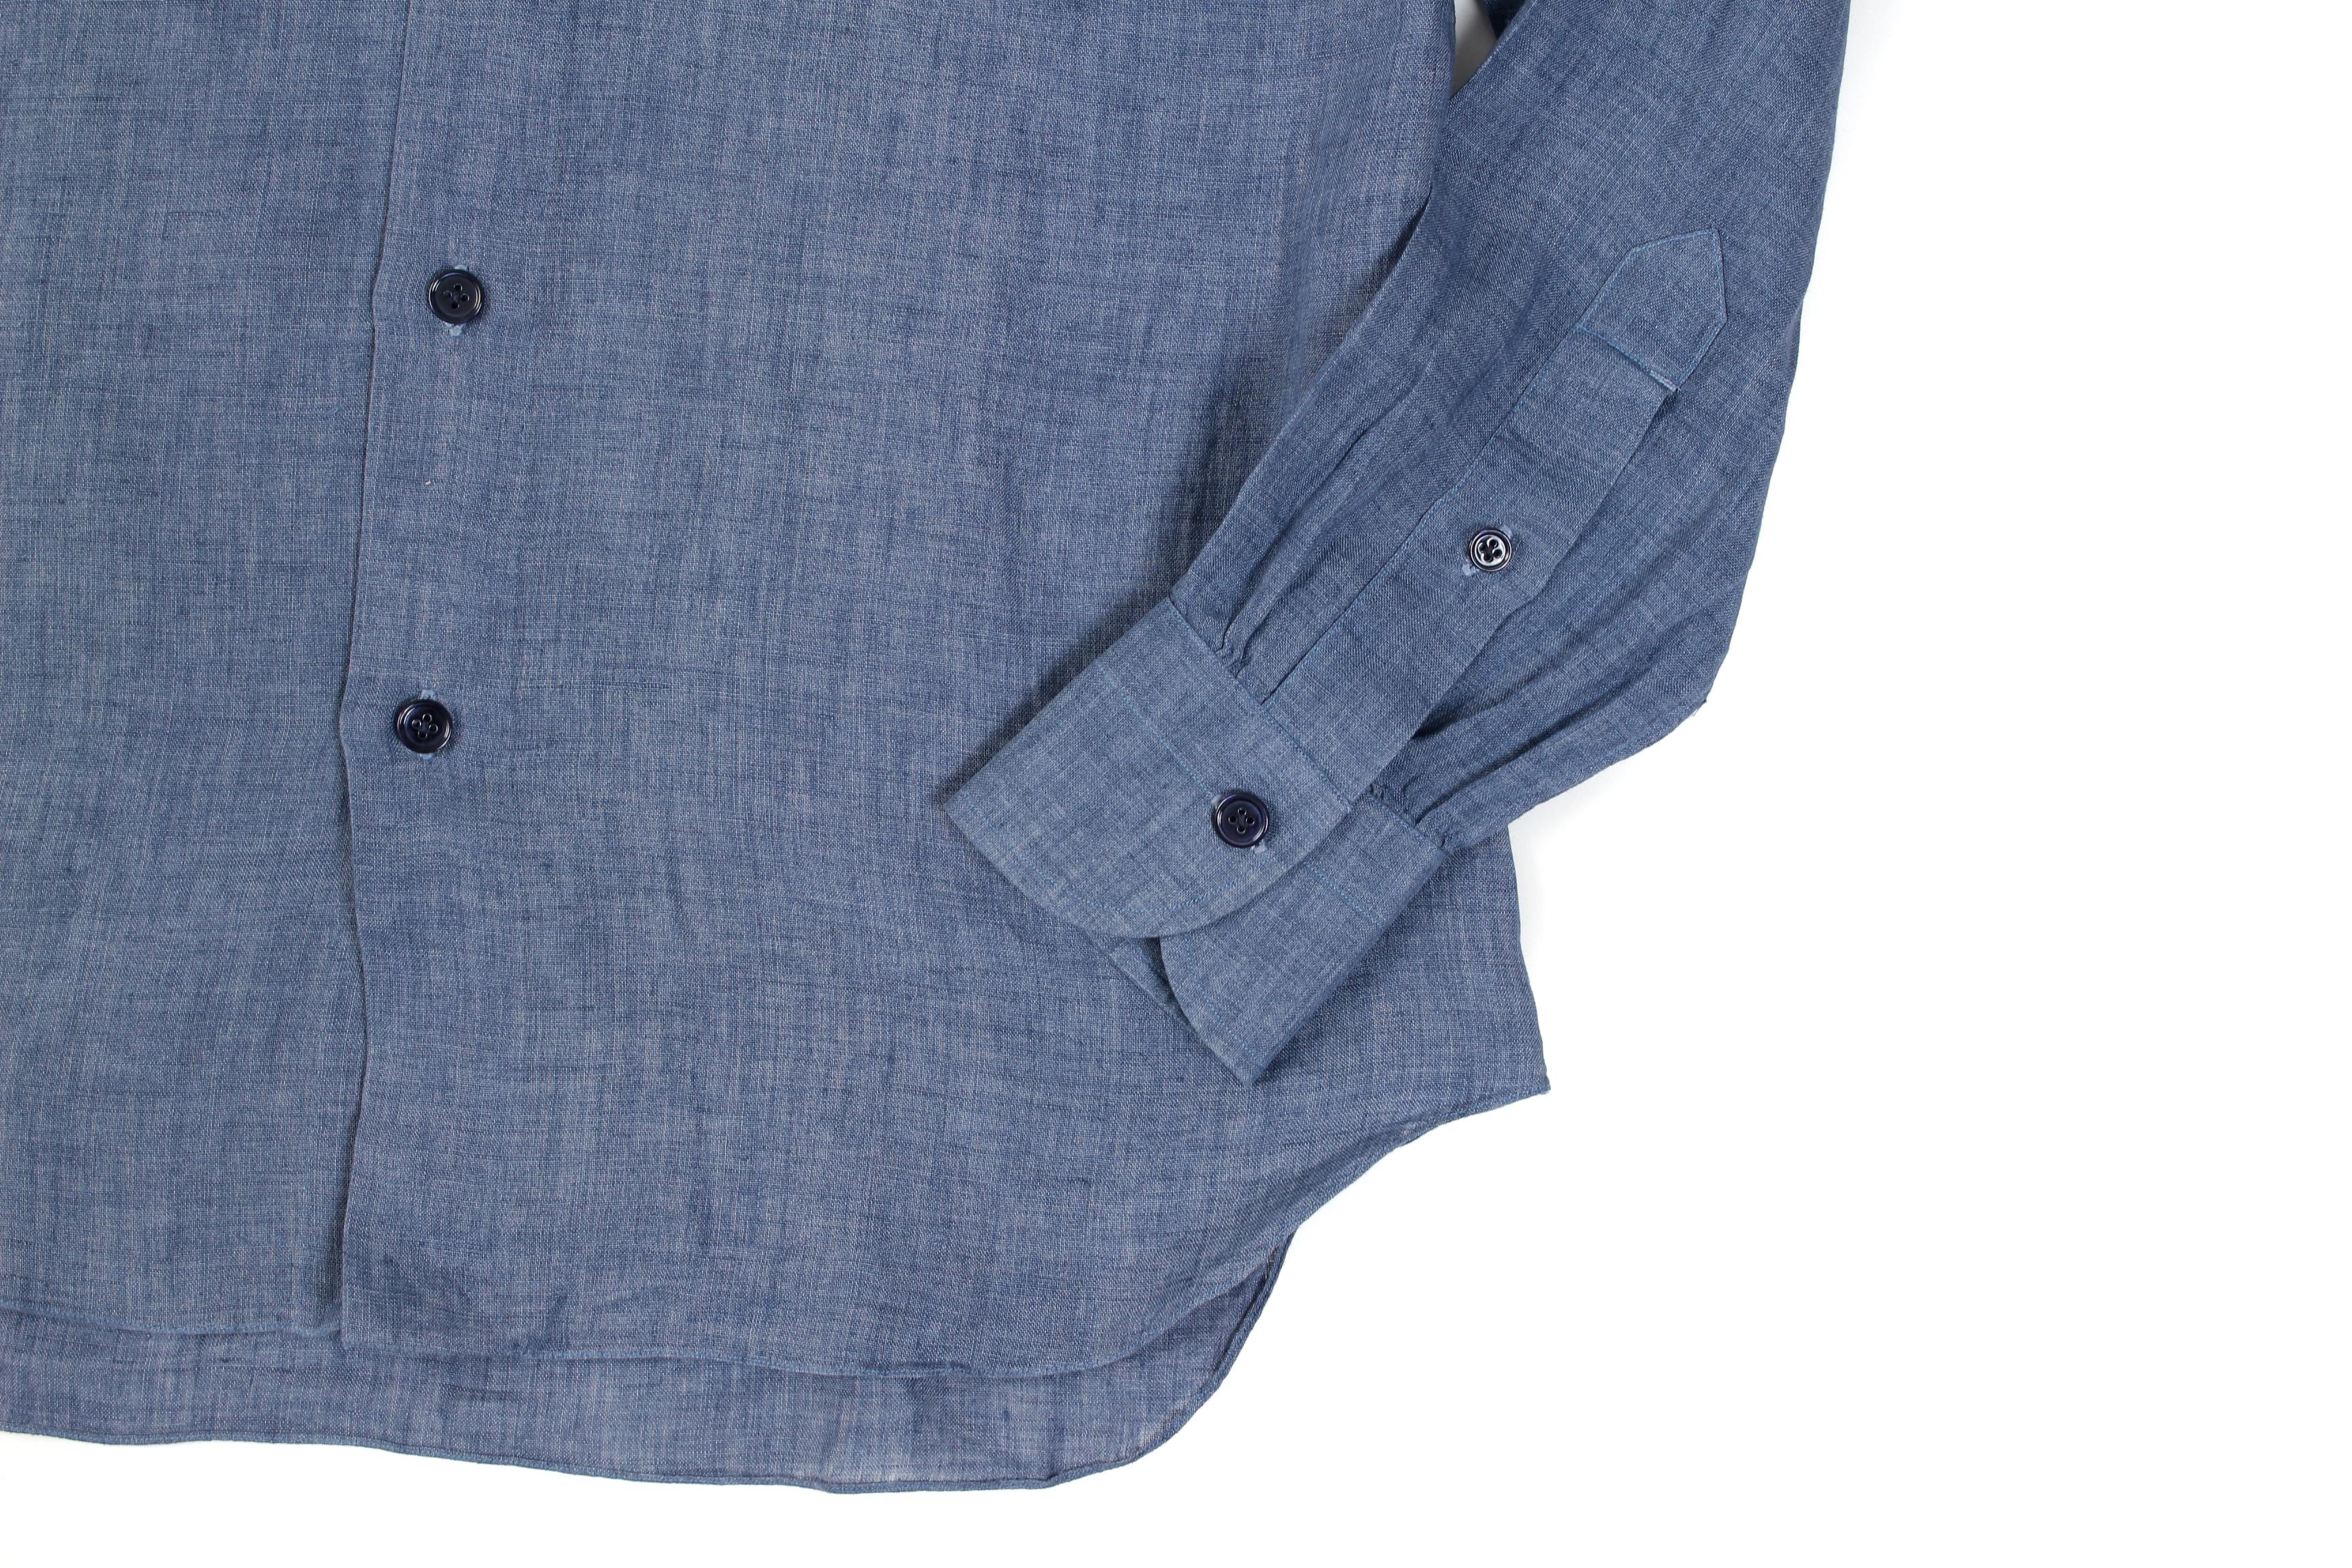 AVINO Laboratorio Napoletano(アヴィーノ・ラボラトリオ・ナポレターノ) Linen Dress Shirts (リネン ドレス シャツ) リネン100% ワイドカラー シャツ BLUE (ブルー) made in italy (イタリア製) 2020 春夏 【ご予約開始】 愛知 名古屋 altoediritto アルトエデリット リネンシャツ